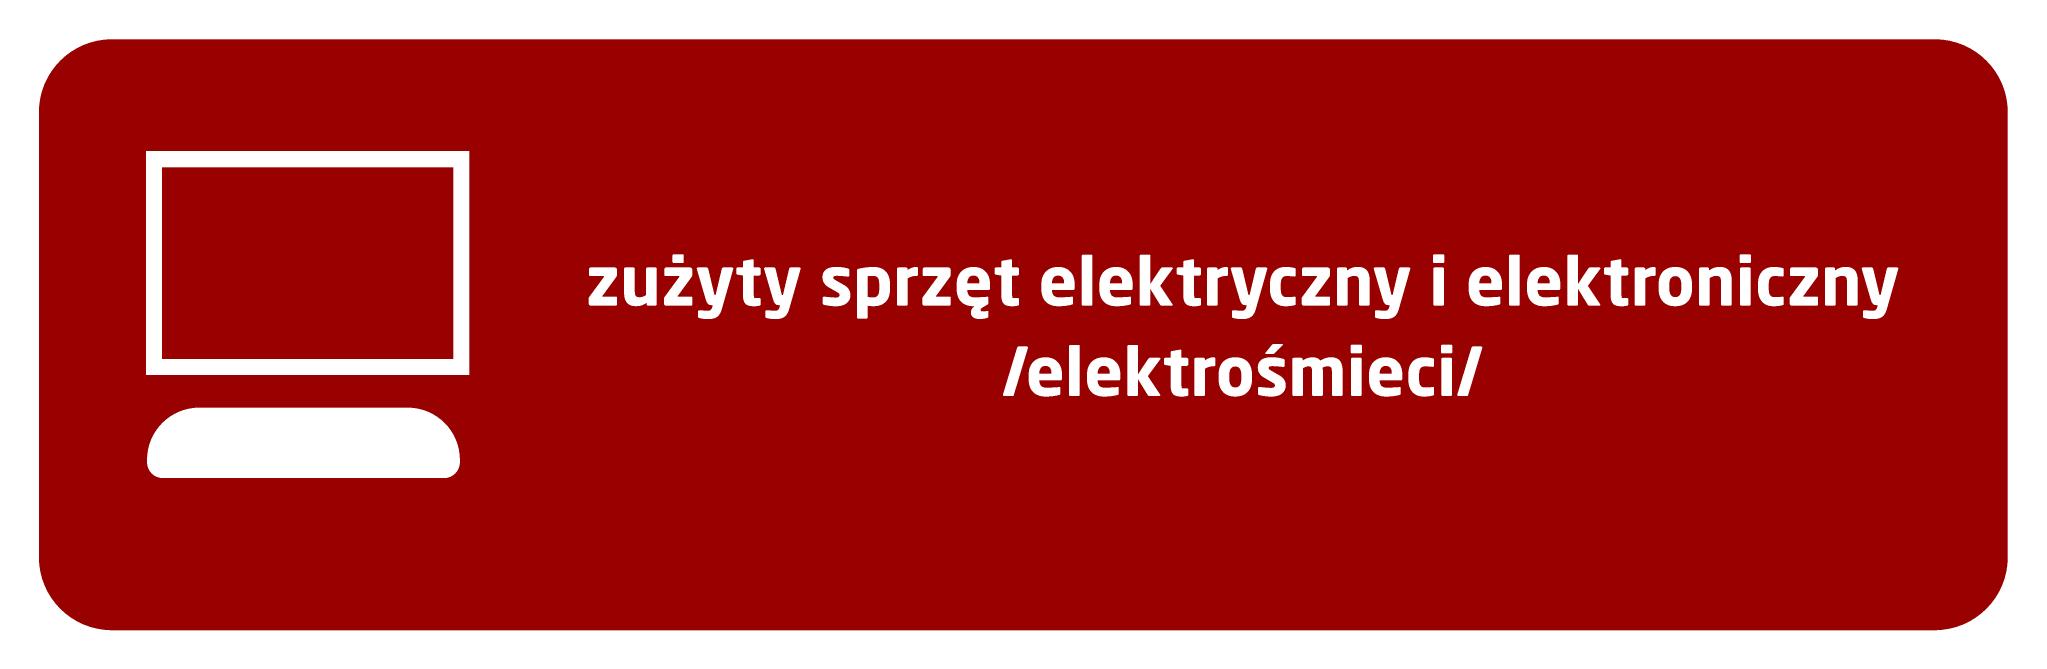 Zużyty sprzęt elektryczny i elektroniczny - elektroodpady